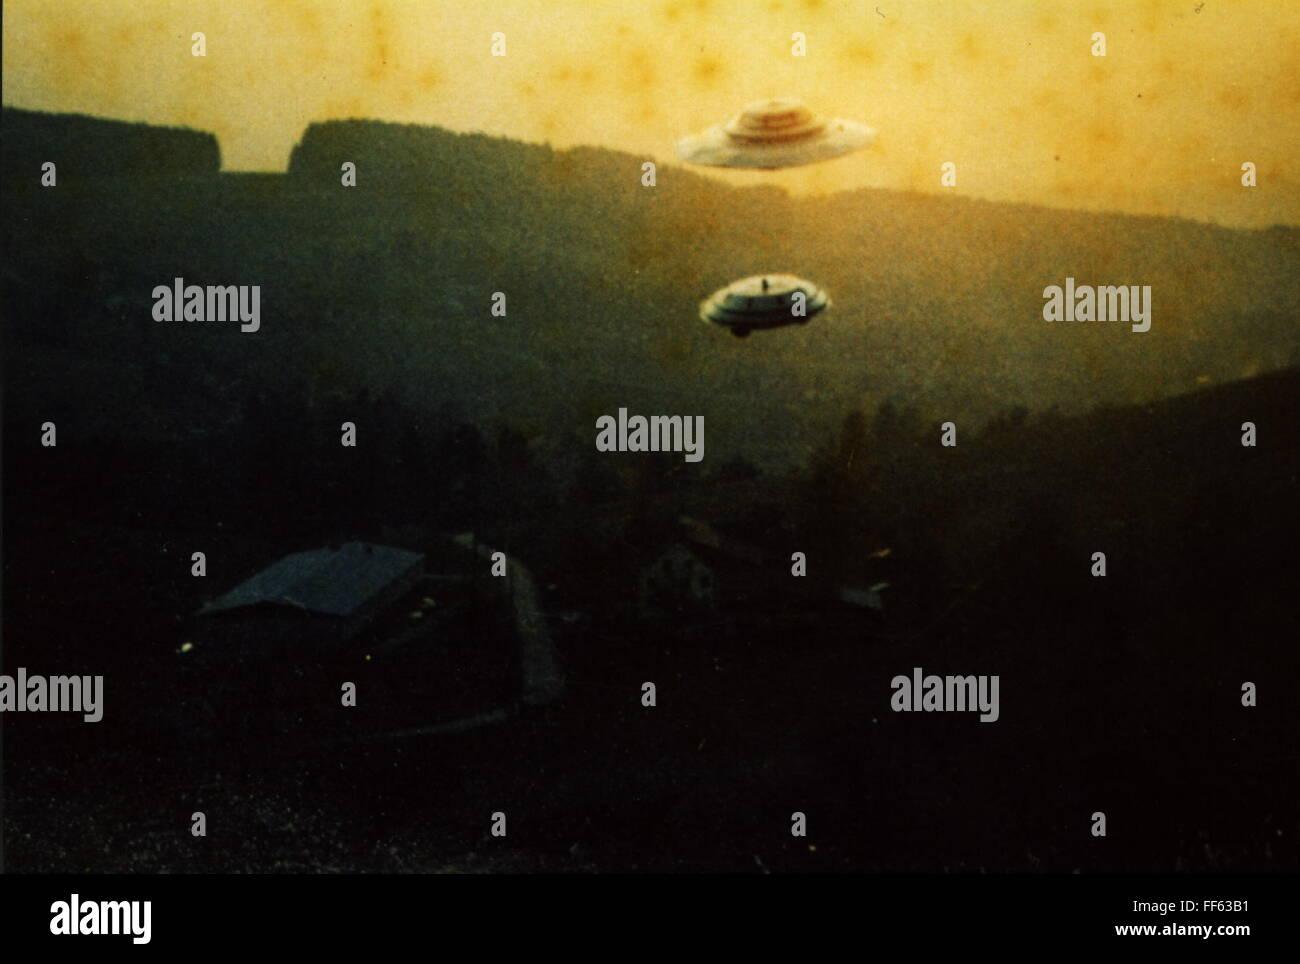 Astronautica, oggetto volante non identificato (UFO), flying ufo, Zeleg Bettswil, Svizzera, 3.3.1975, Additional Immagini Stock